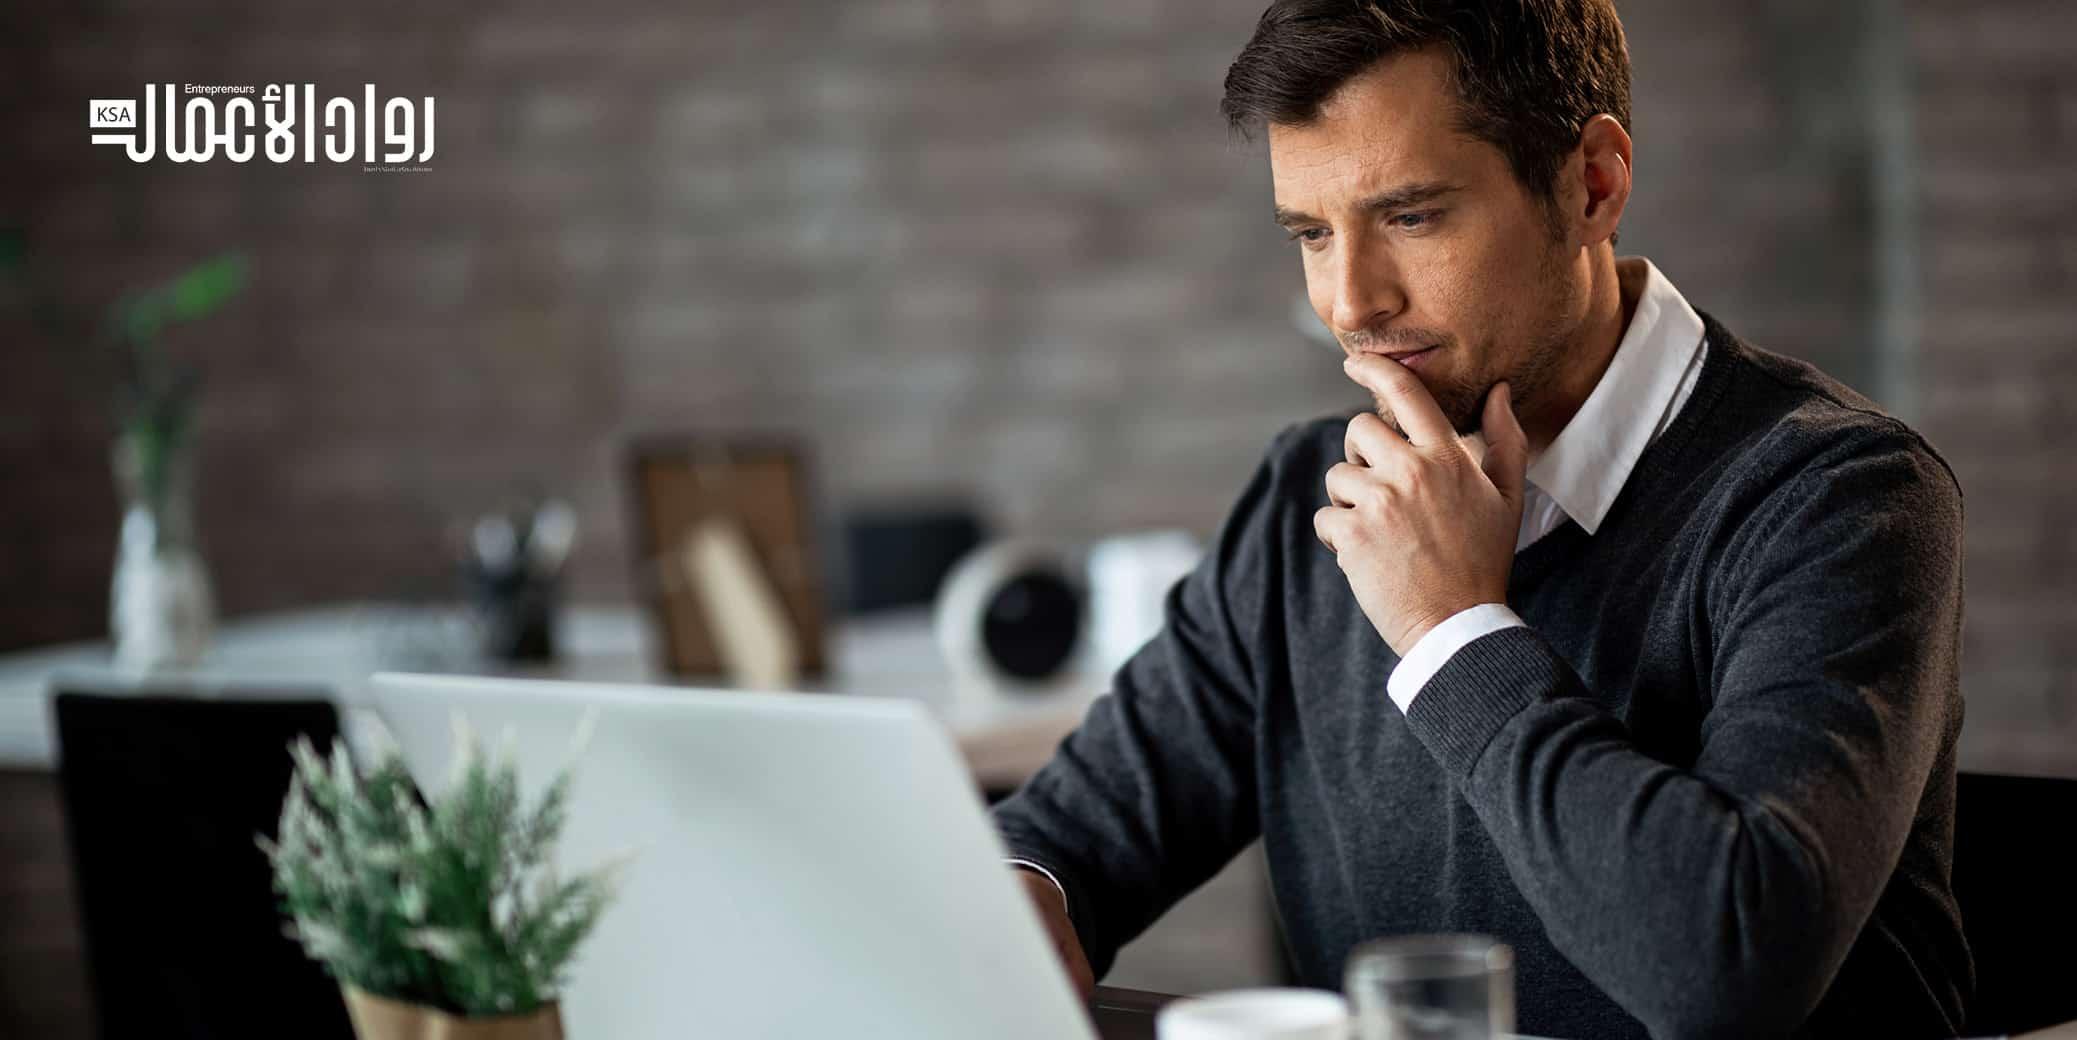 كيف يتجنب رواد الأعمال الأزمات